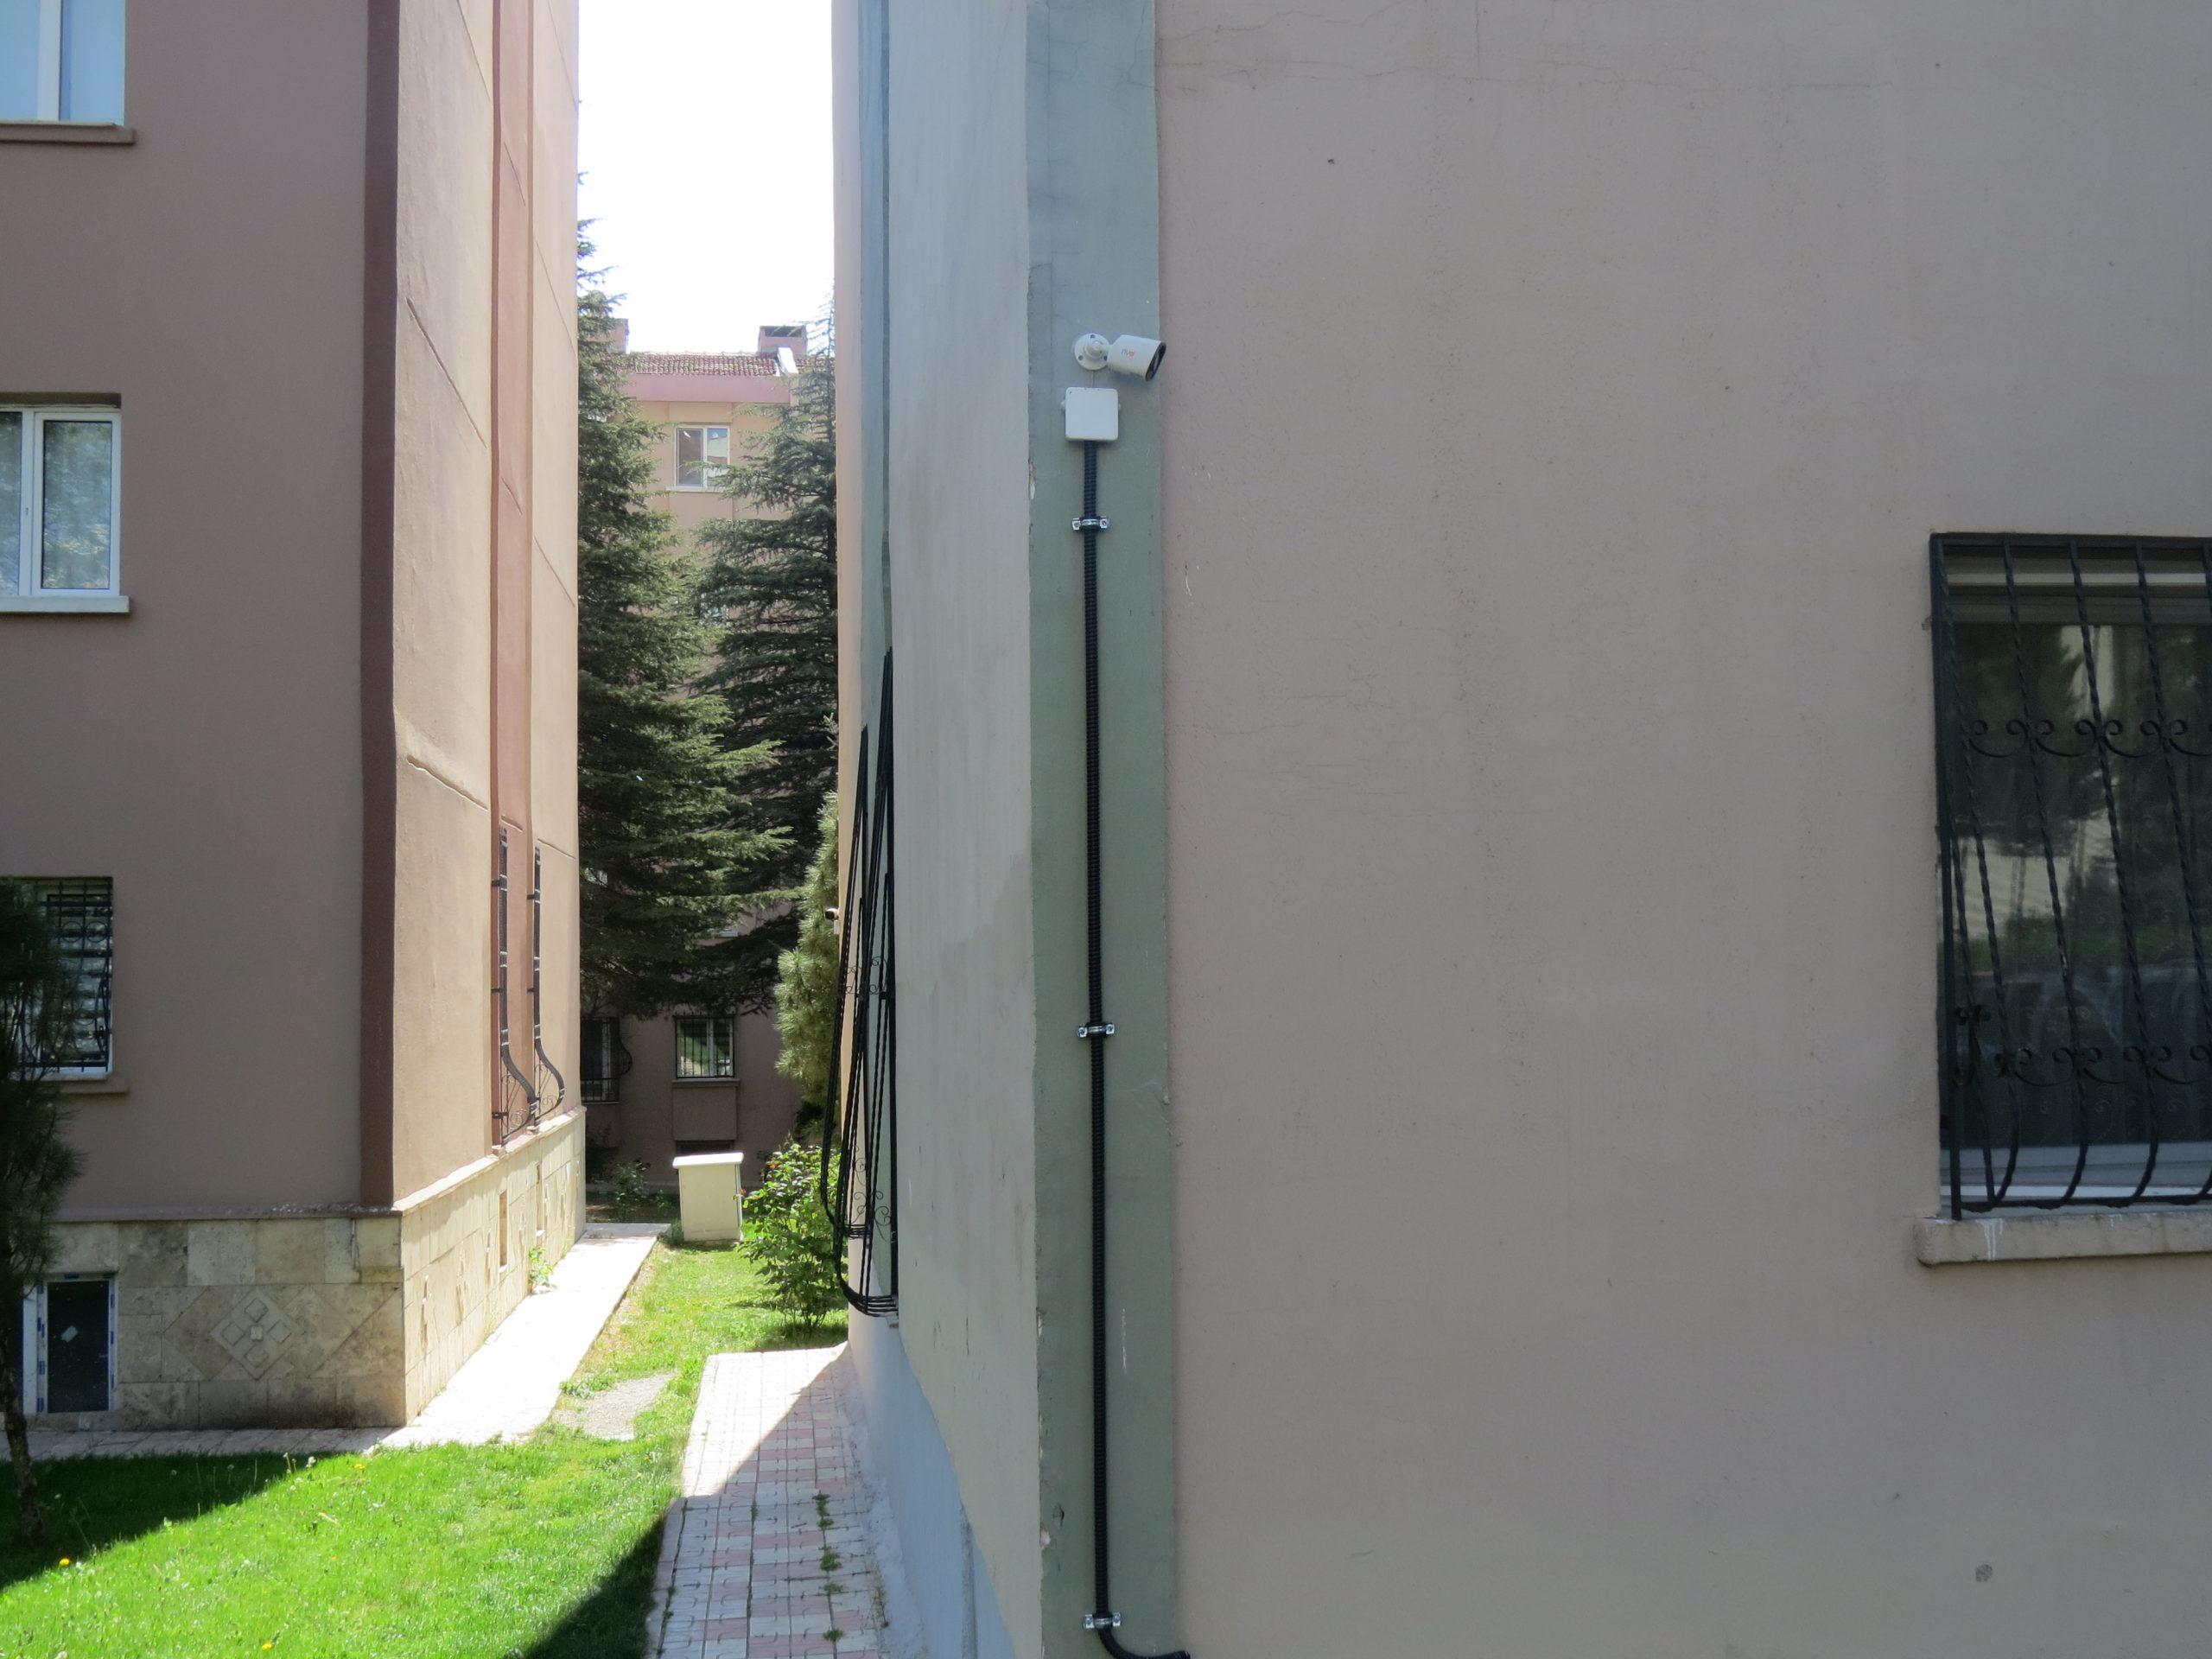 Bina Çevresi Güvenlik Kamerası IMG 5095 scaled